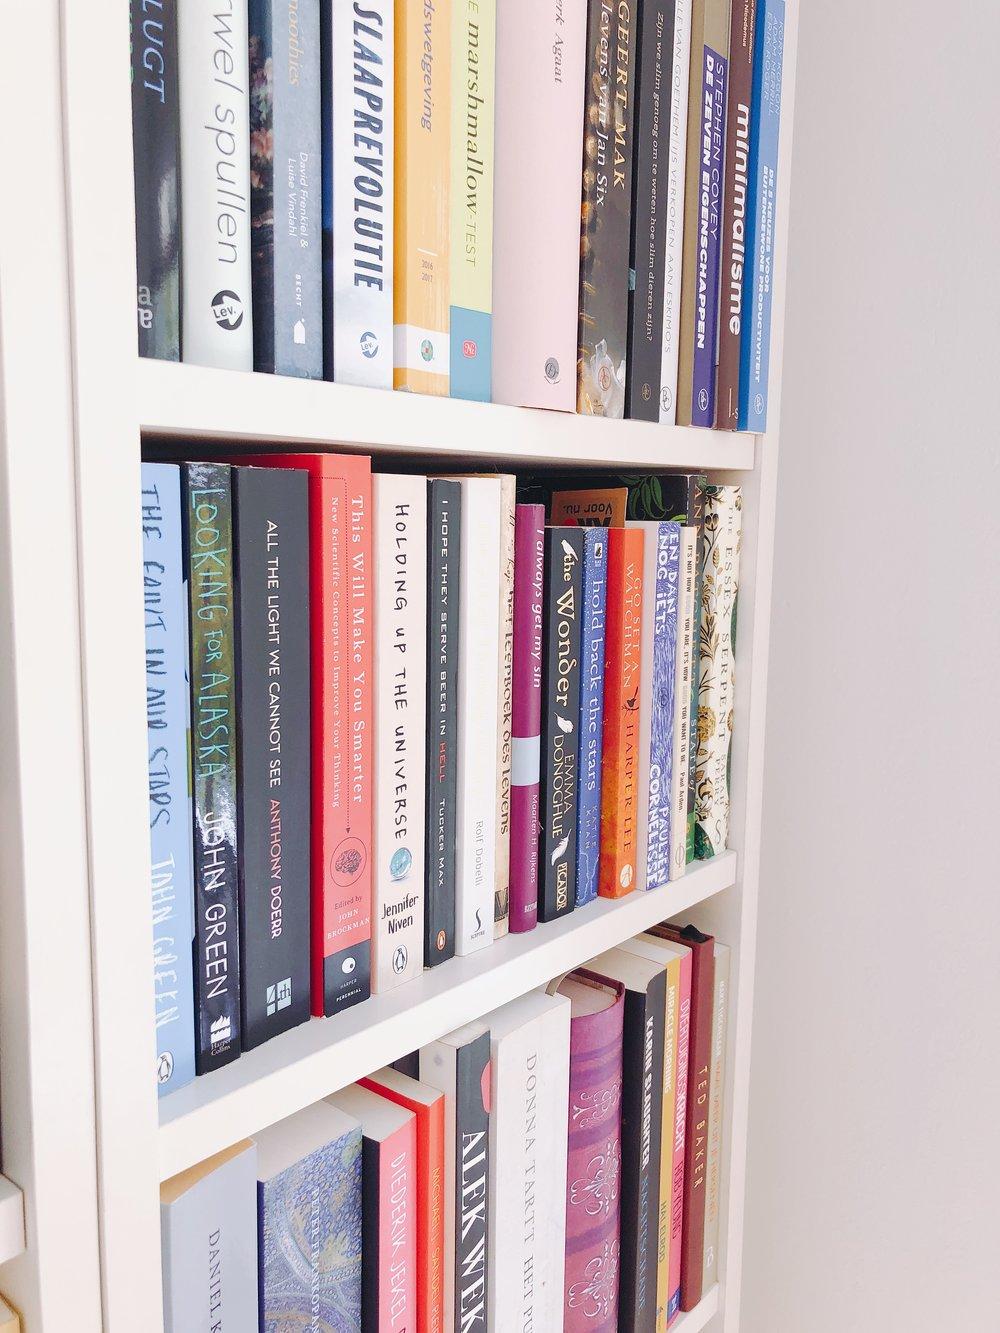 - IV: Ik ben tijdens dit telefoongesprek trouwens ondertussen nieuwe boeken aan het bestellen. CR: Wanneer je geen boeken bestelt, maar naar een boekenzaak gaat, naar welke winkel ga je dan het liefst?IV: Ik was deze zomer in Parijs, daar heb je de winkel Shakespeare & Company. Die zaak is bloedmooi en zou makkelijk mijn favoriet kunnen zijn, maar het is er extreem druk. Je komt nauwelijks bij de boekenkasten, omdat er zo veel mensen zijn. CR: Wat is wel je favoriet?IV: Scheltema! Je kunt daar met de roltrap omhoog, wat echt een godsgeschenk is voor luie zielen zoals ik. Je kunt daar een kopje koffie drinken, het is er overzichtelijk, licht en rustig. Ik ga daar nooit weg zonder een boek.